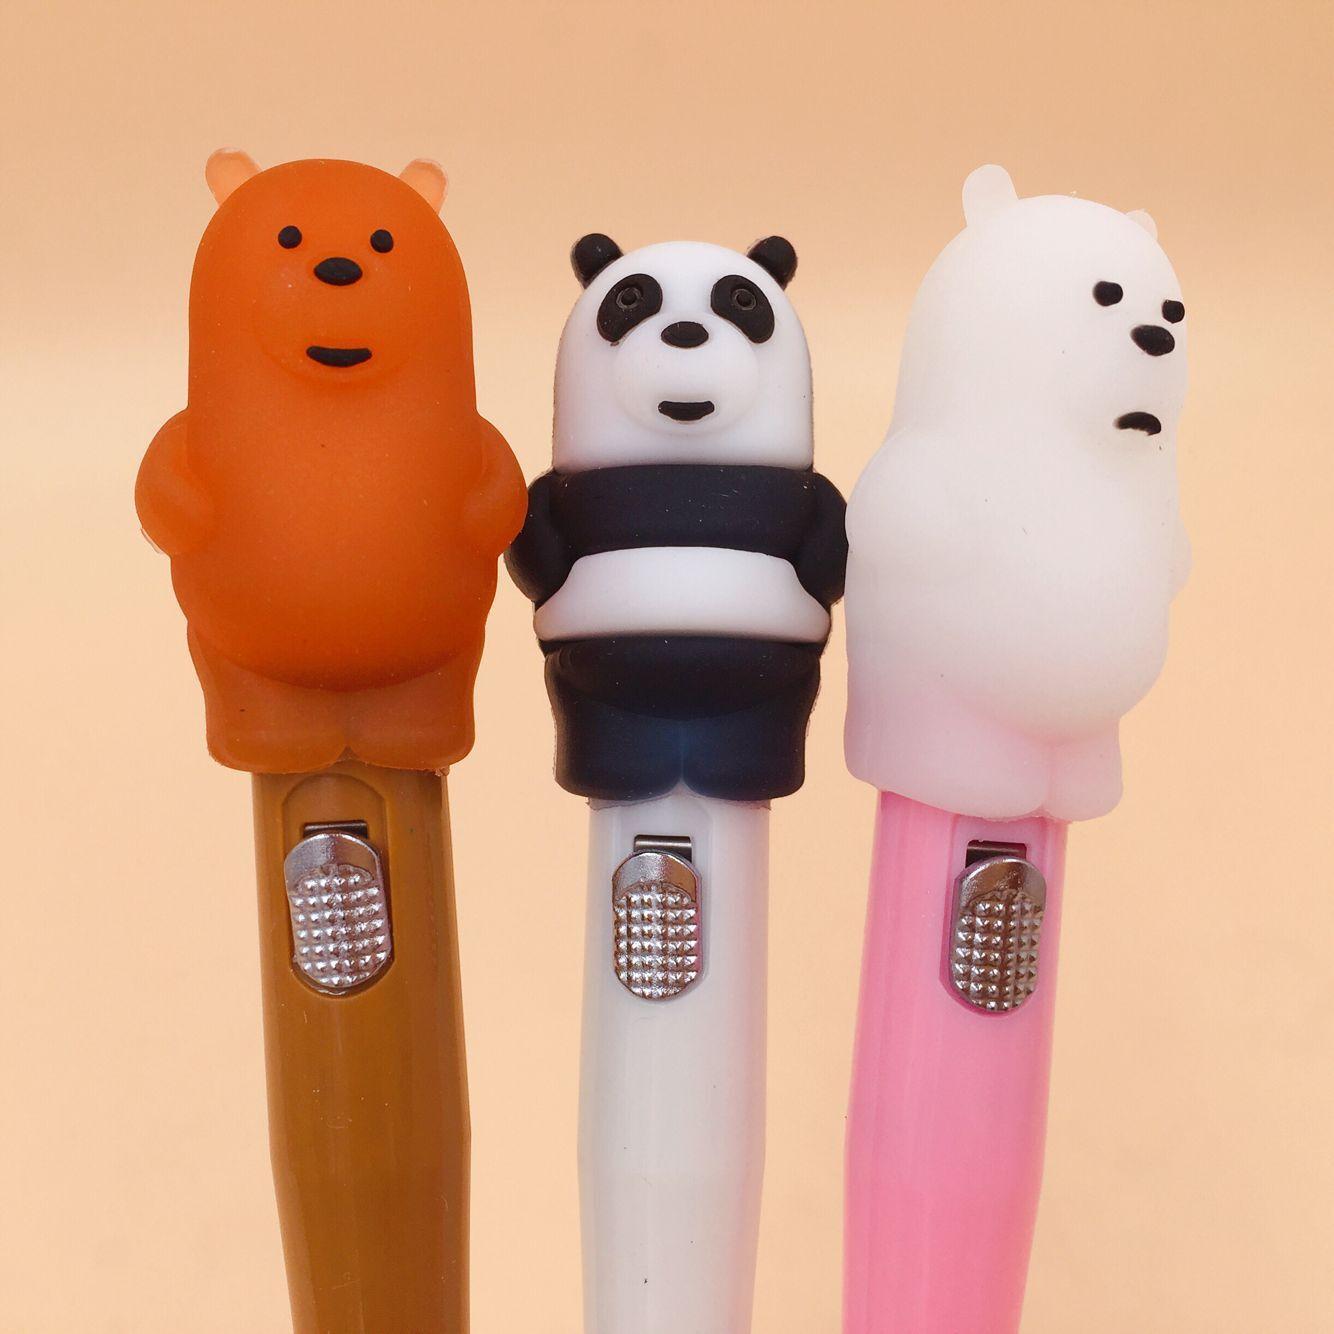 Biscoito dos Desenhos Pcs Coreano Papelaria Criativa Bonito